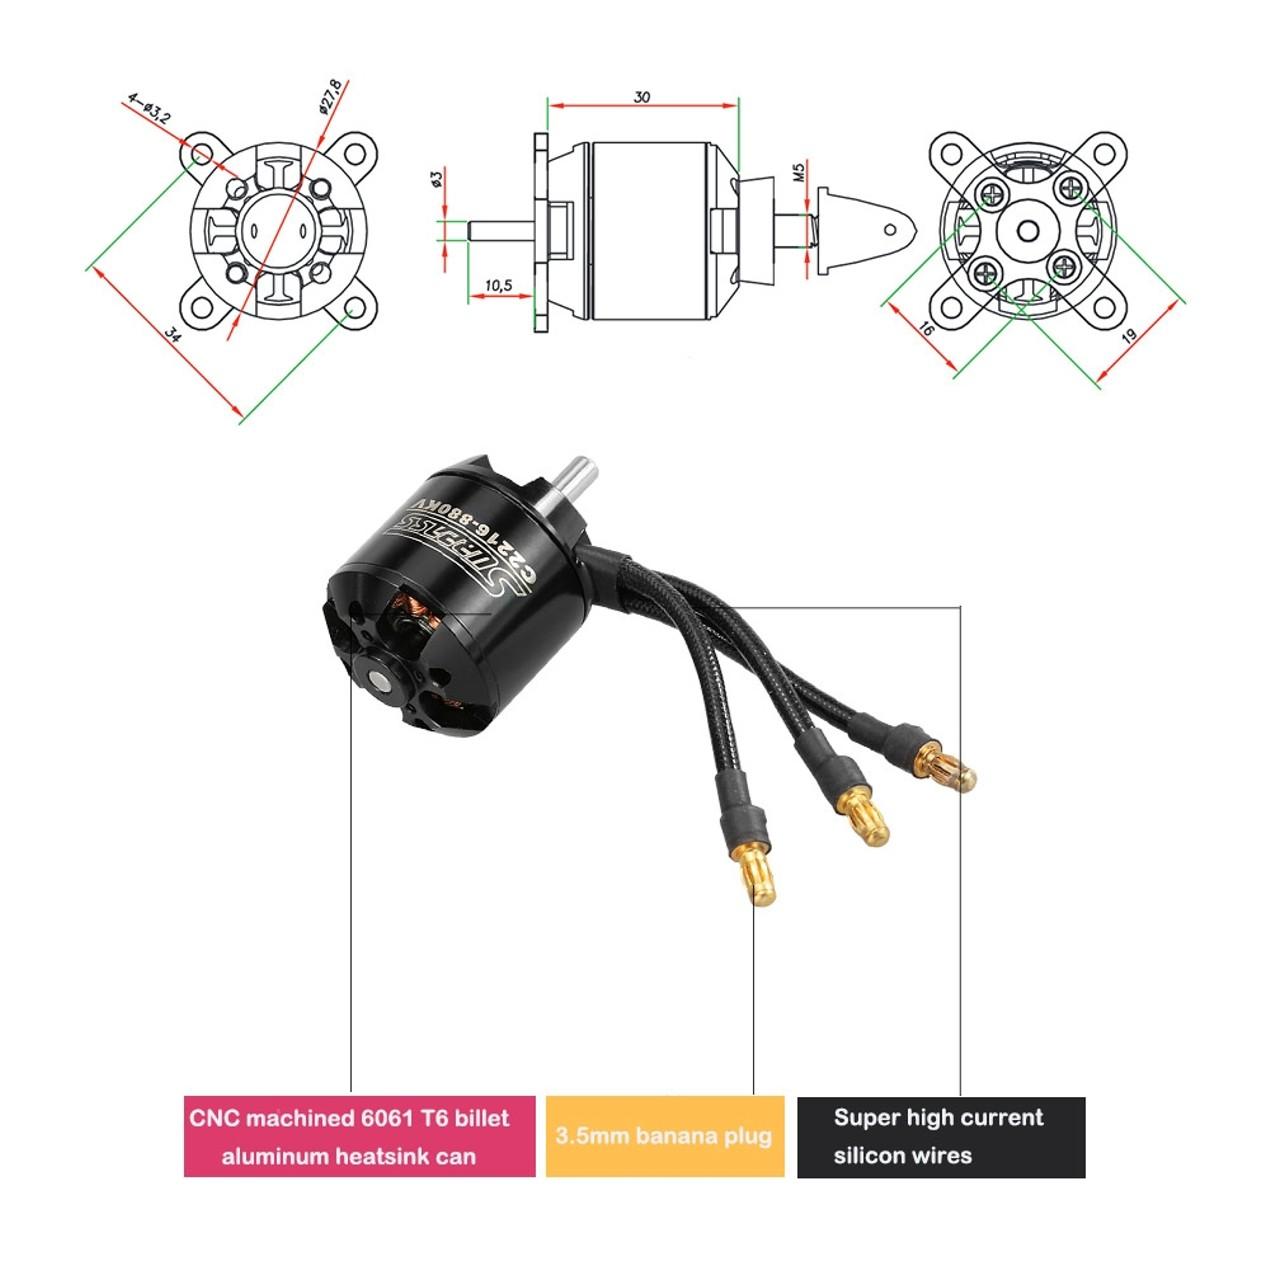 Original Surpass High Performance 2216 880kv 14 Poles Brushless Motor Wiring Diagram For